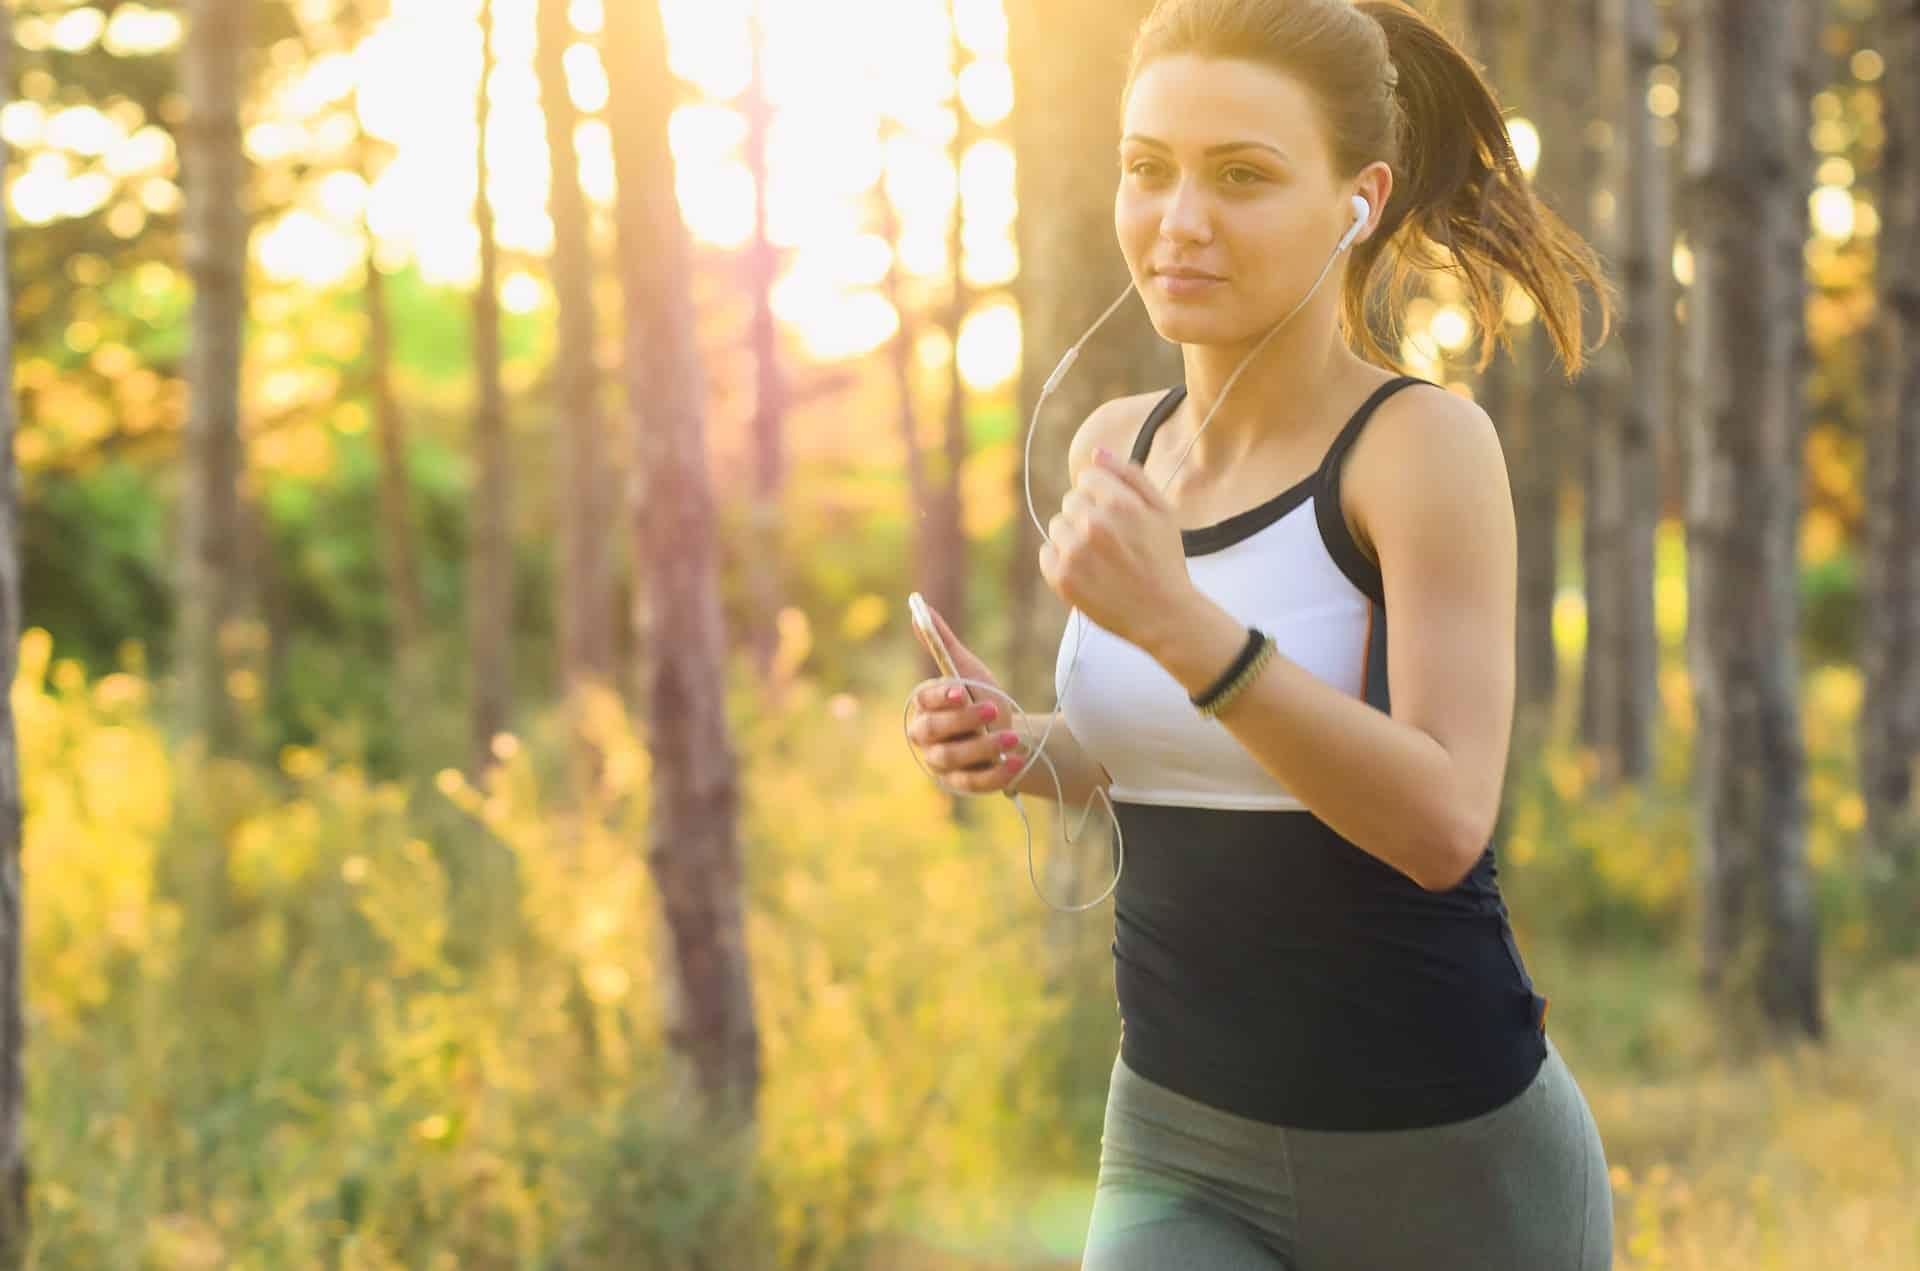 Eine Frau joggt im Gruenen und hat Kopfhoerer im Ohr (c) Pixabay